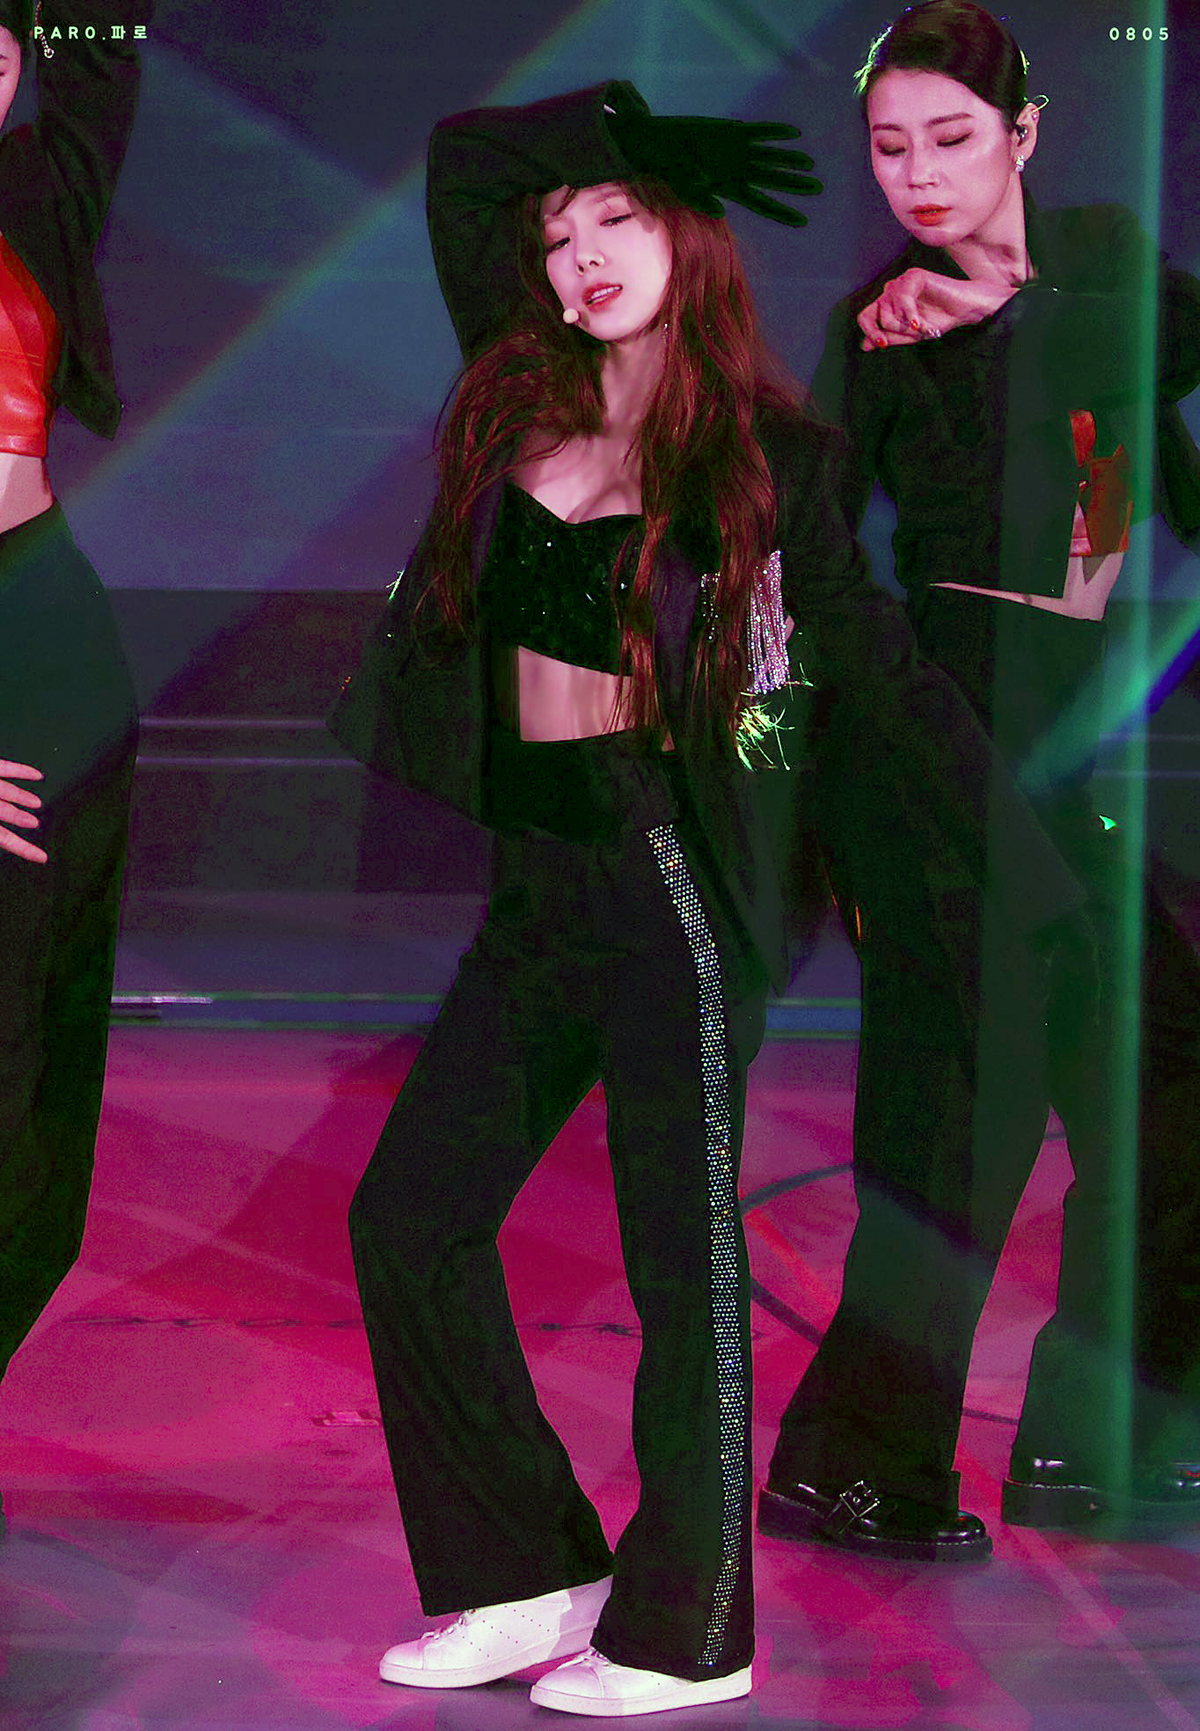 Tae Yeon cũng ưng ý Crystal tailored blazer và kết hợp item với áo quây cùng quần suông và giày thể thao, mang đến hình ảnh vừa sexy vừa năng động.